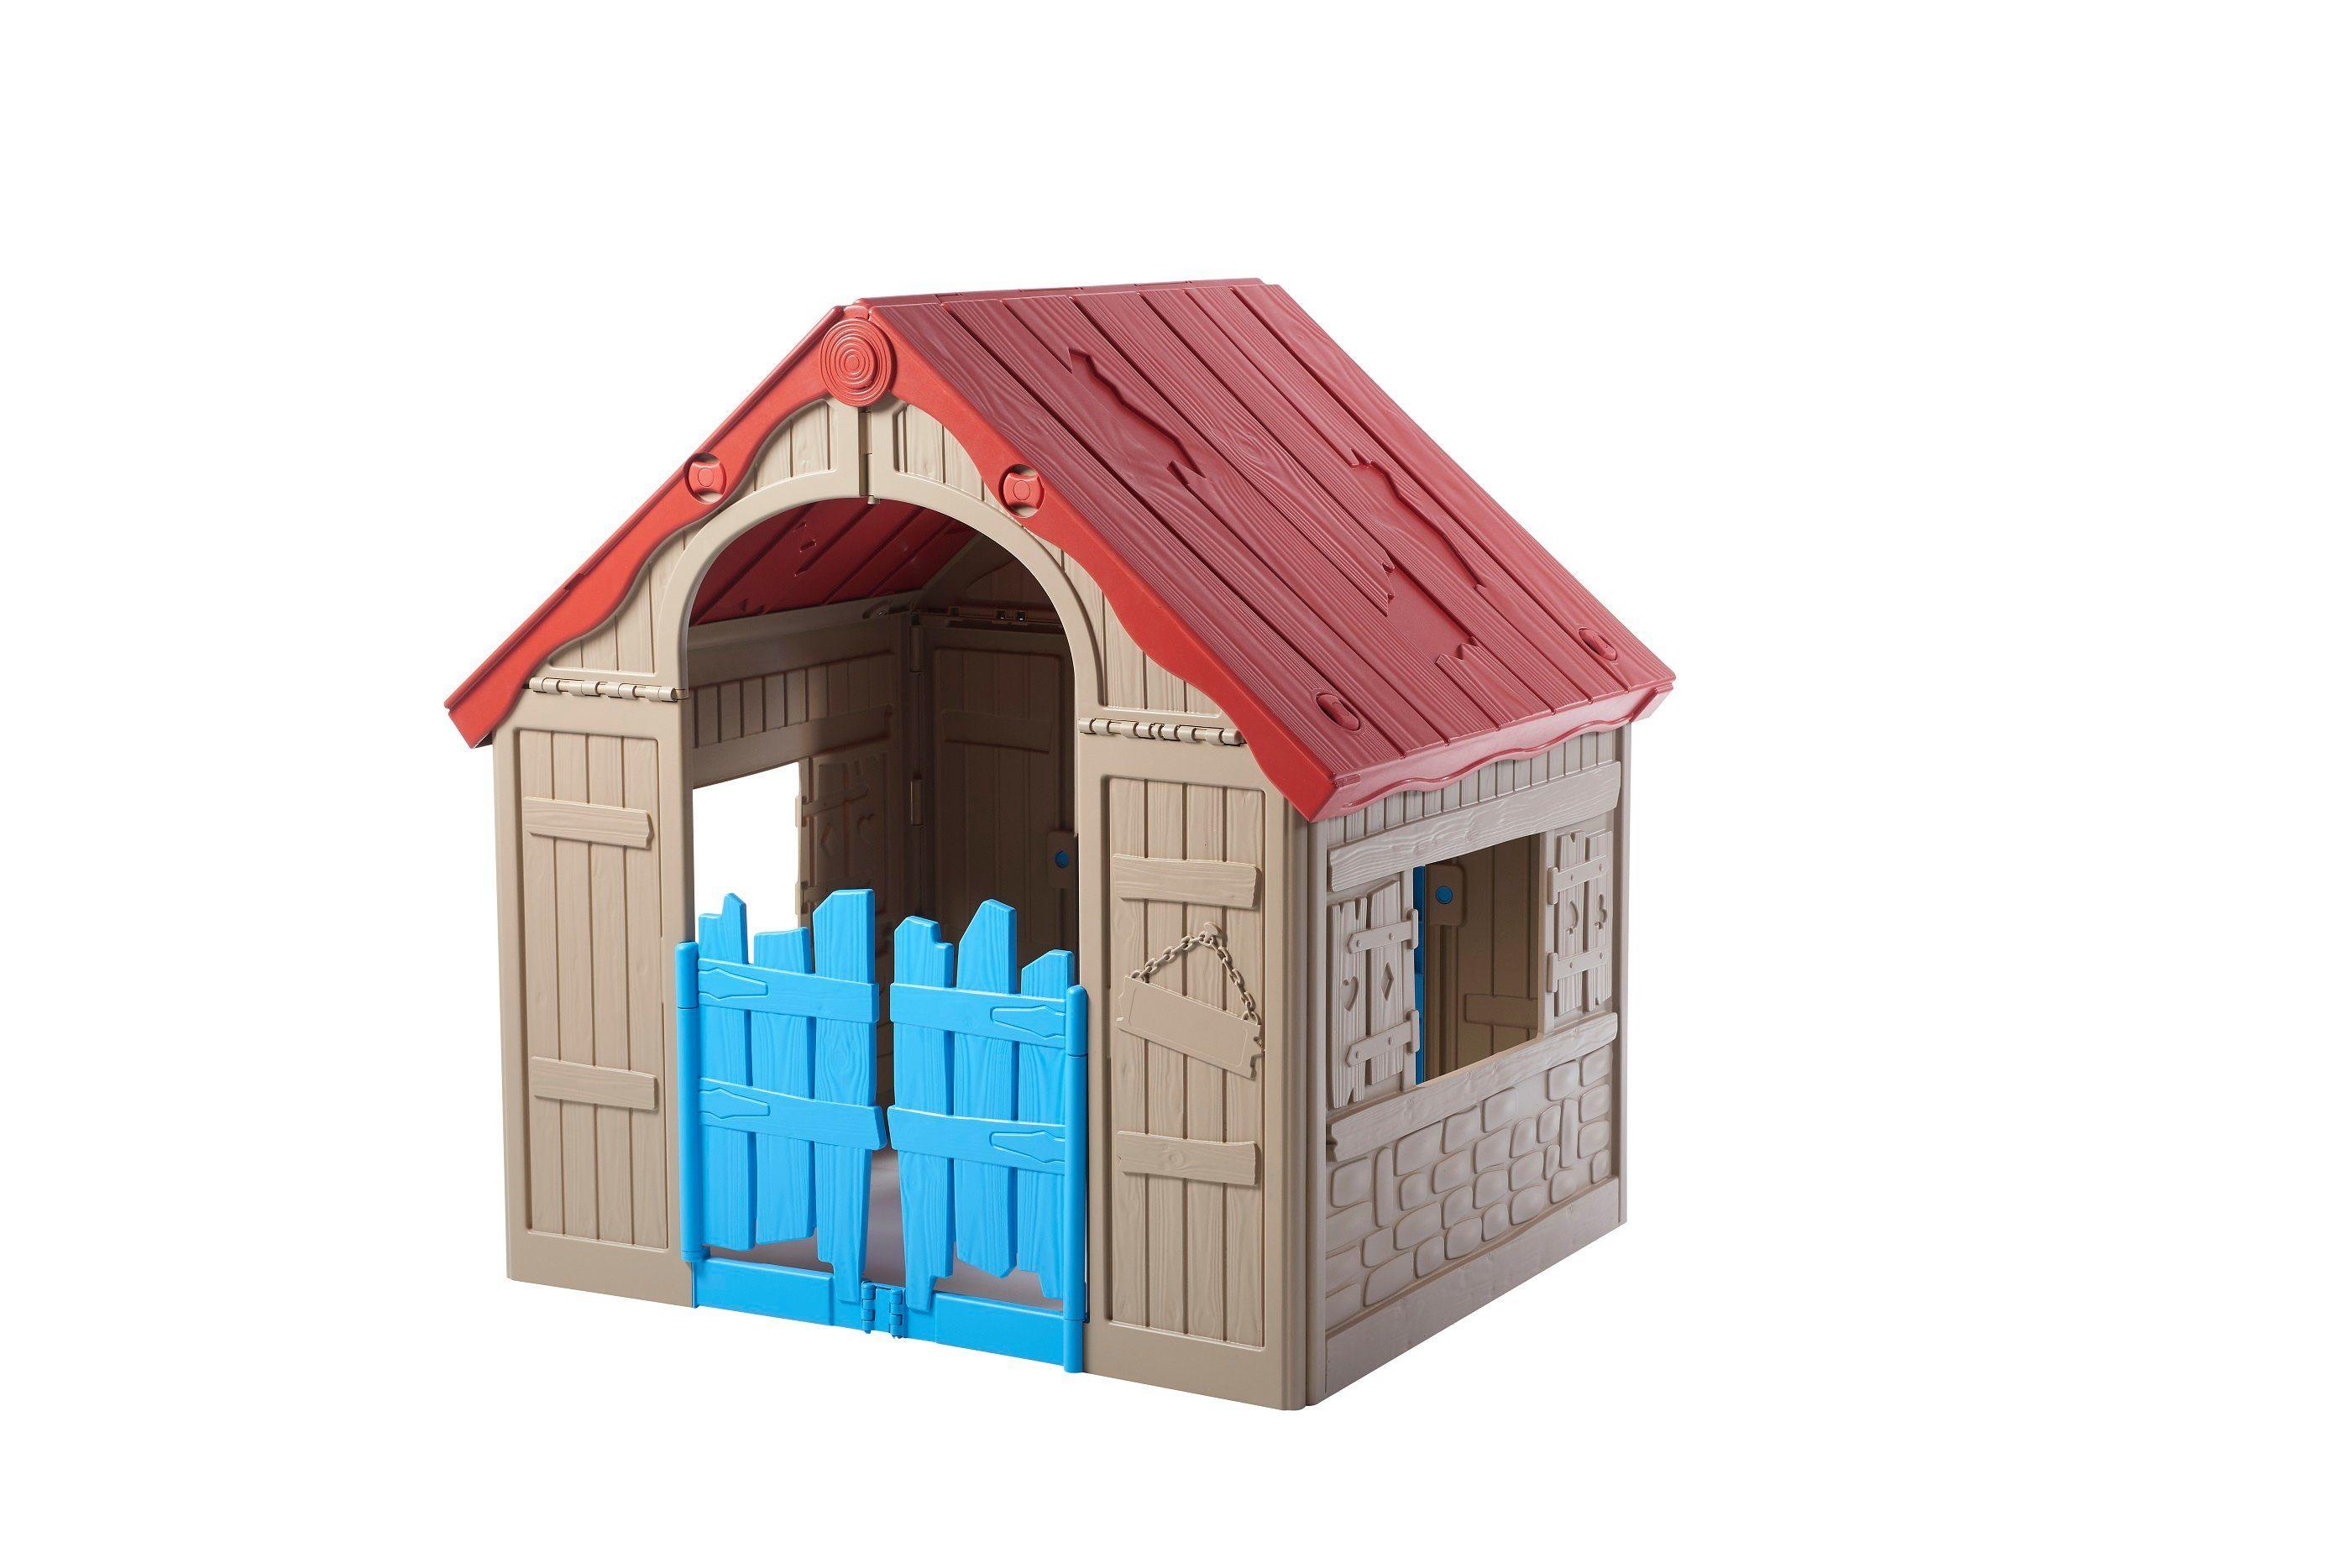 Gartenhaus Mit Sommerküche : Spielhaus online kaufen kinder gartenhaus otto